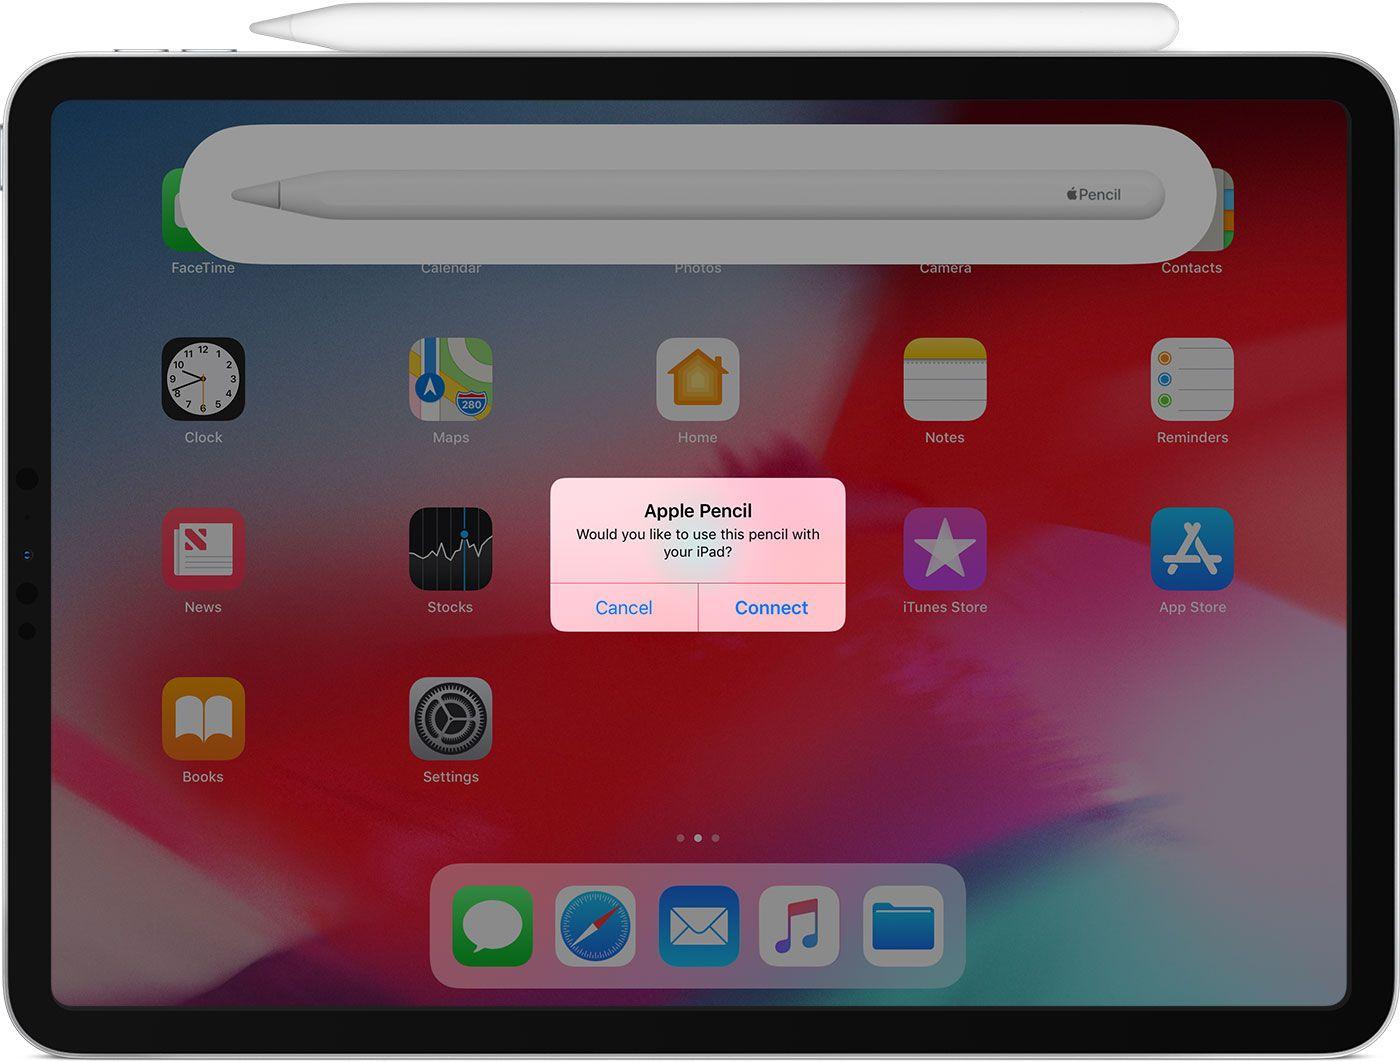 6d41e832a768a6425af2b8fc277ce177 - How Do I Get My Apple Pencil To Work On My Ipad Pro